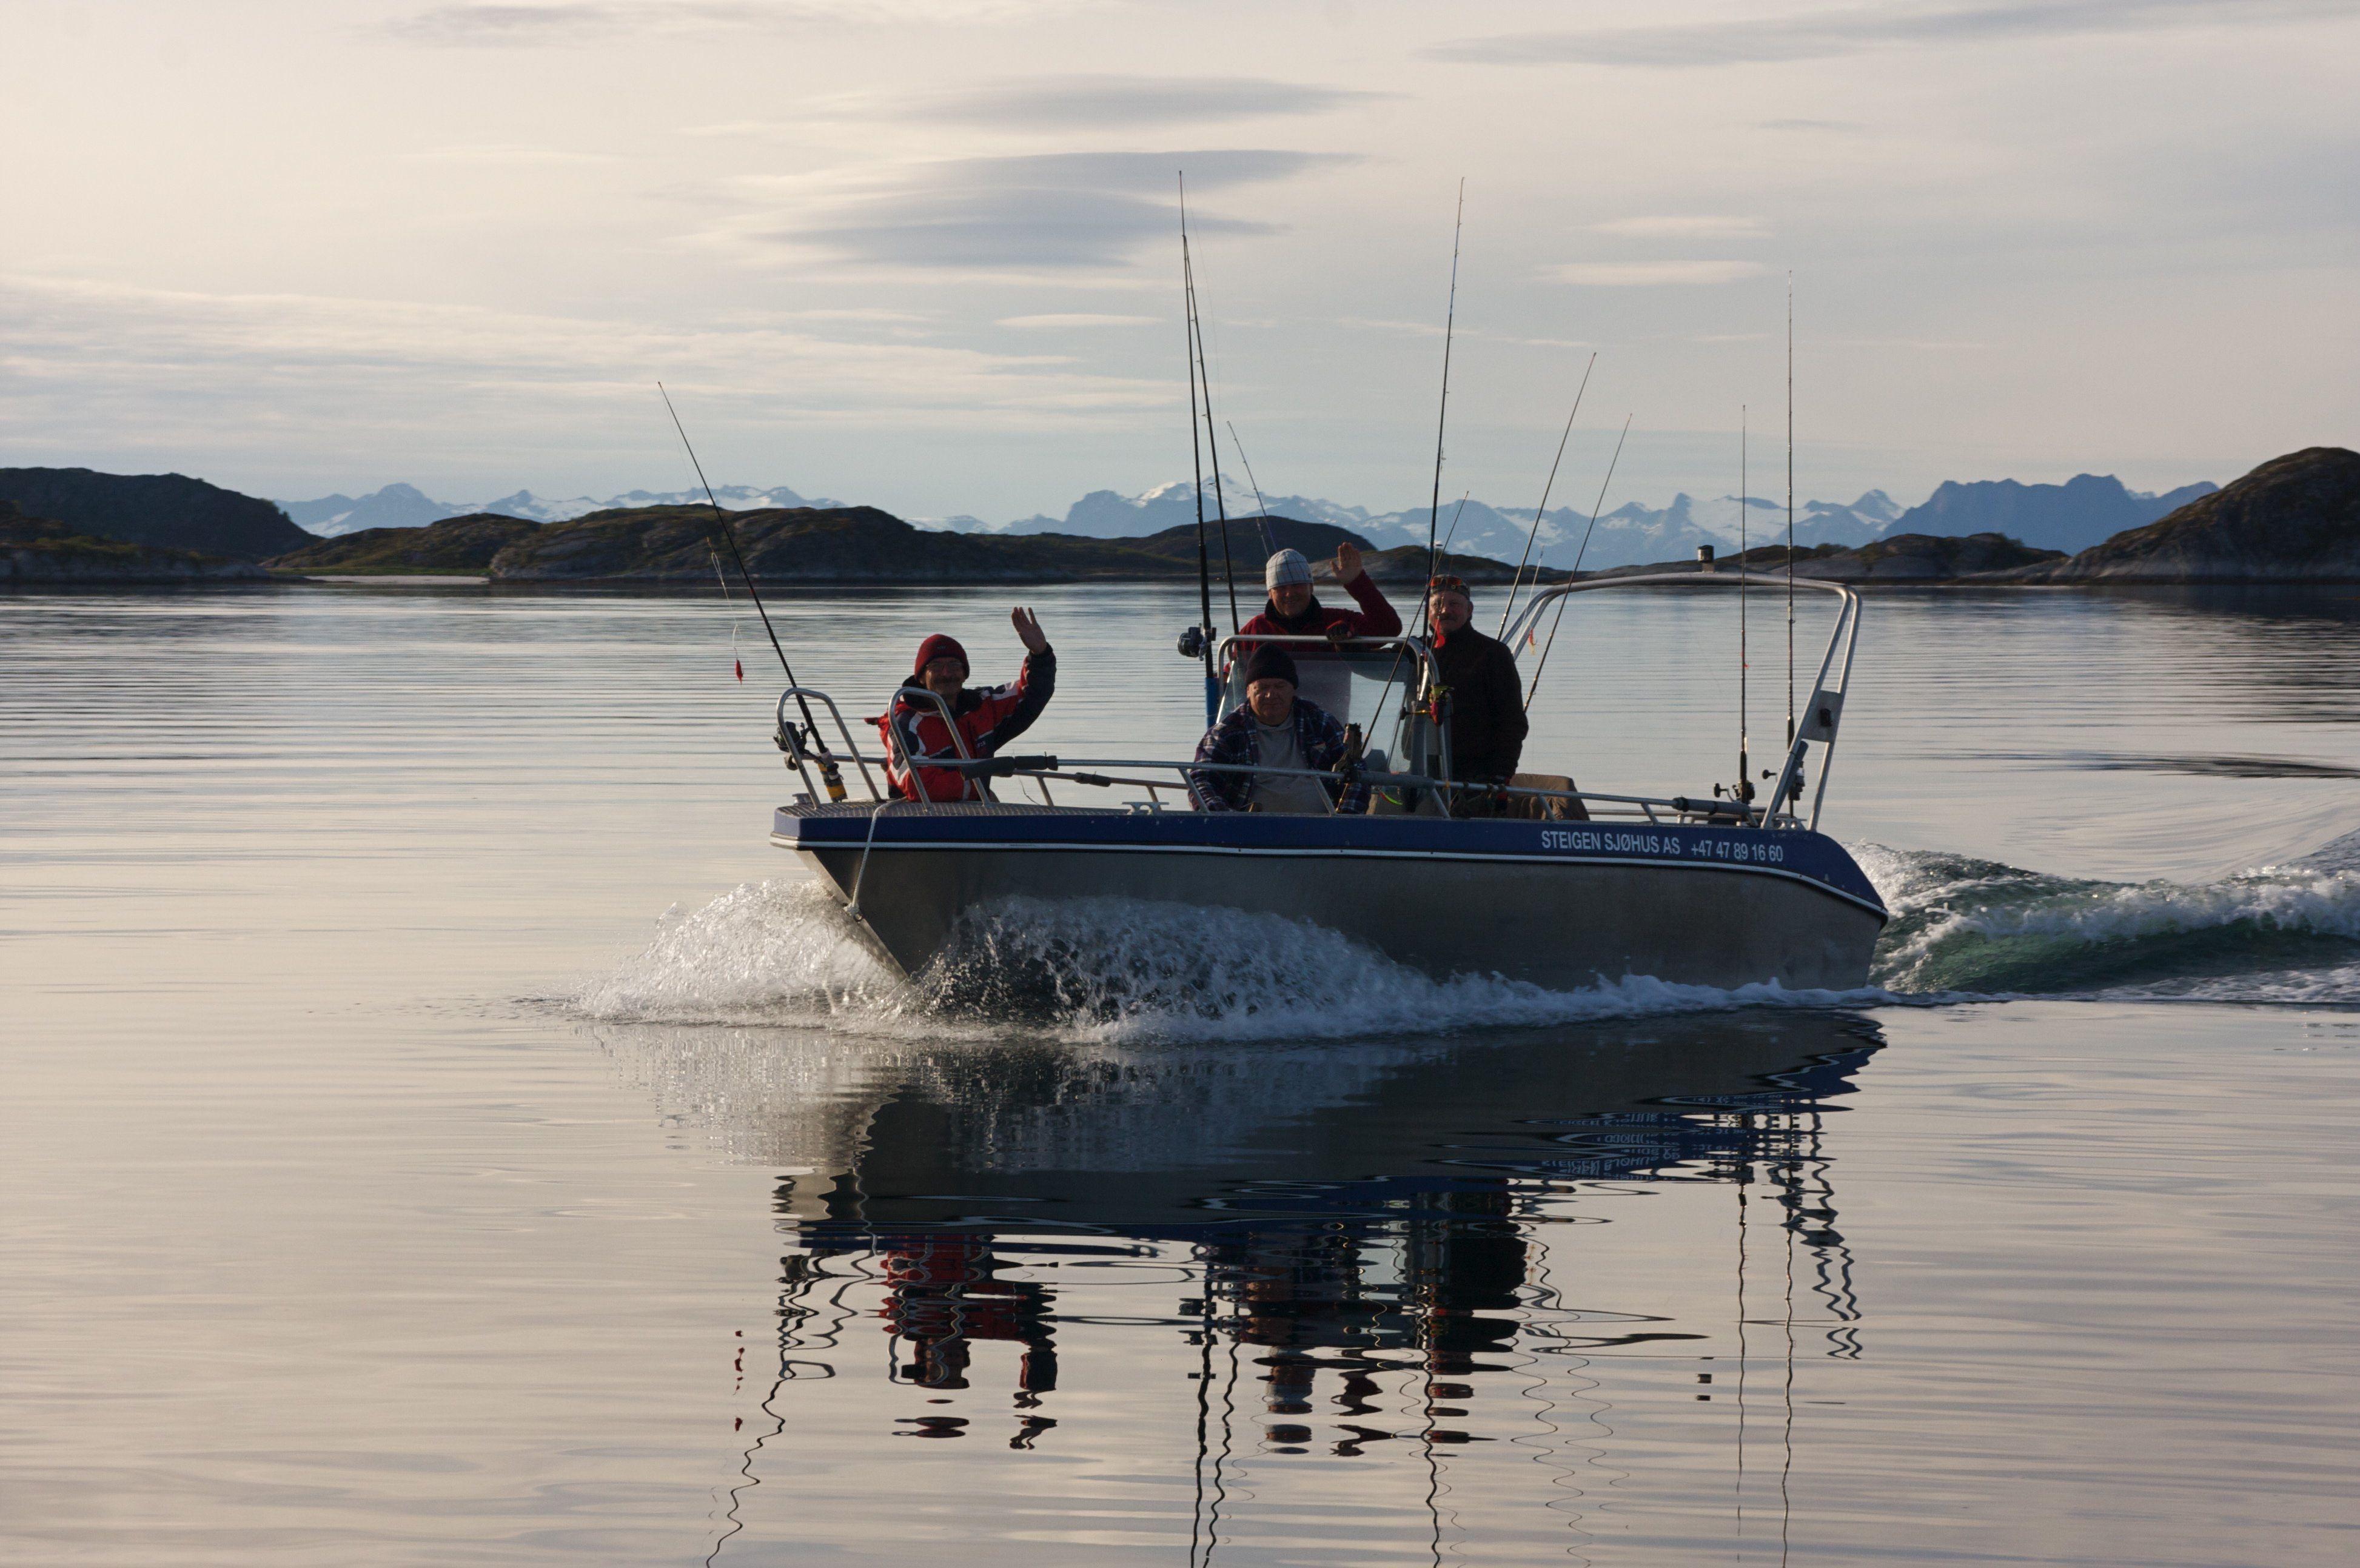 Paul Fortun, Fiske/Fishing at Steigen Sjøhus